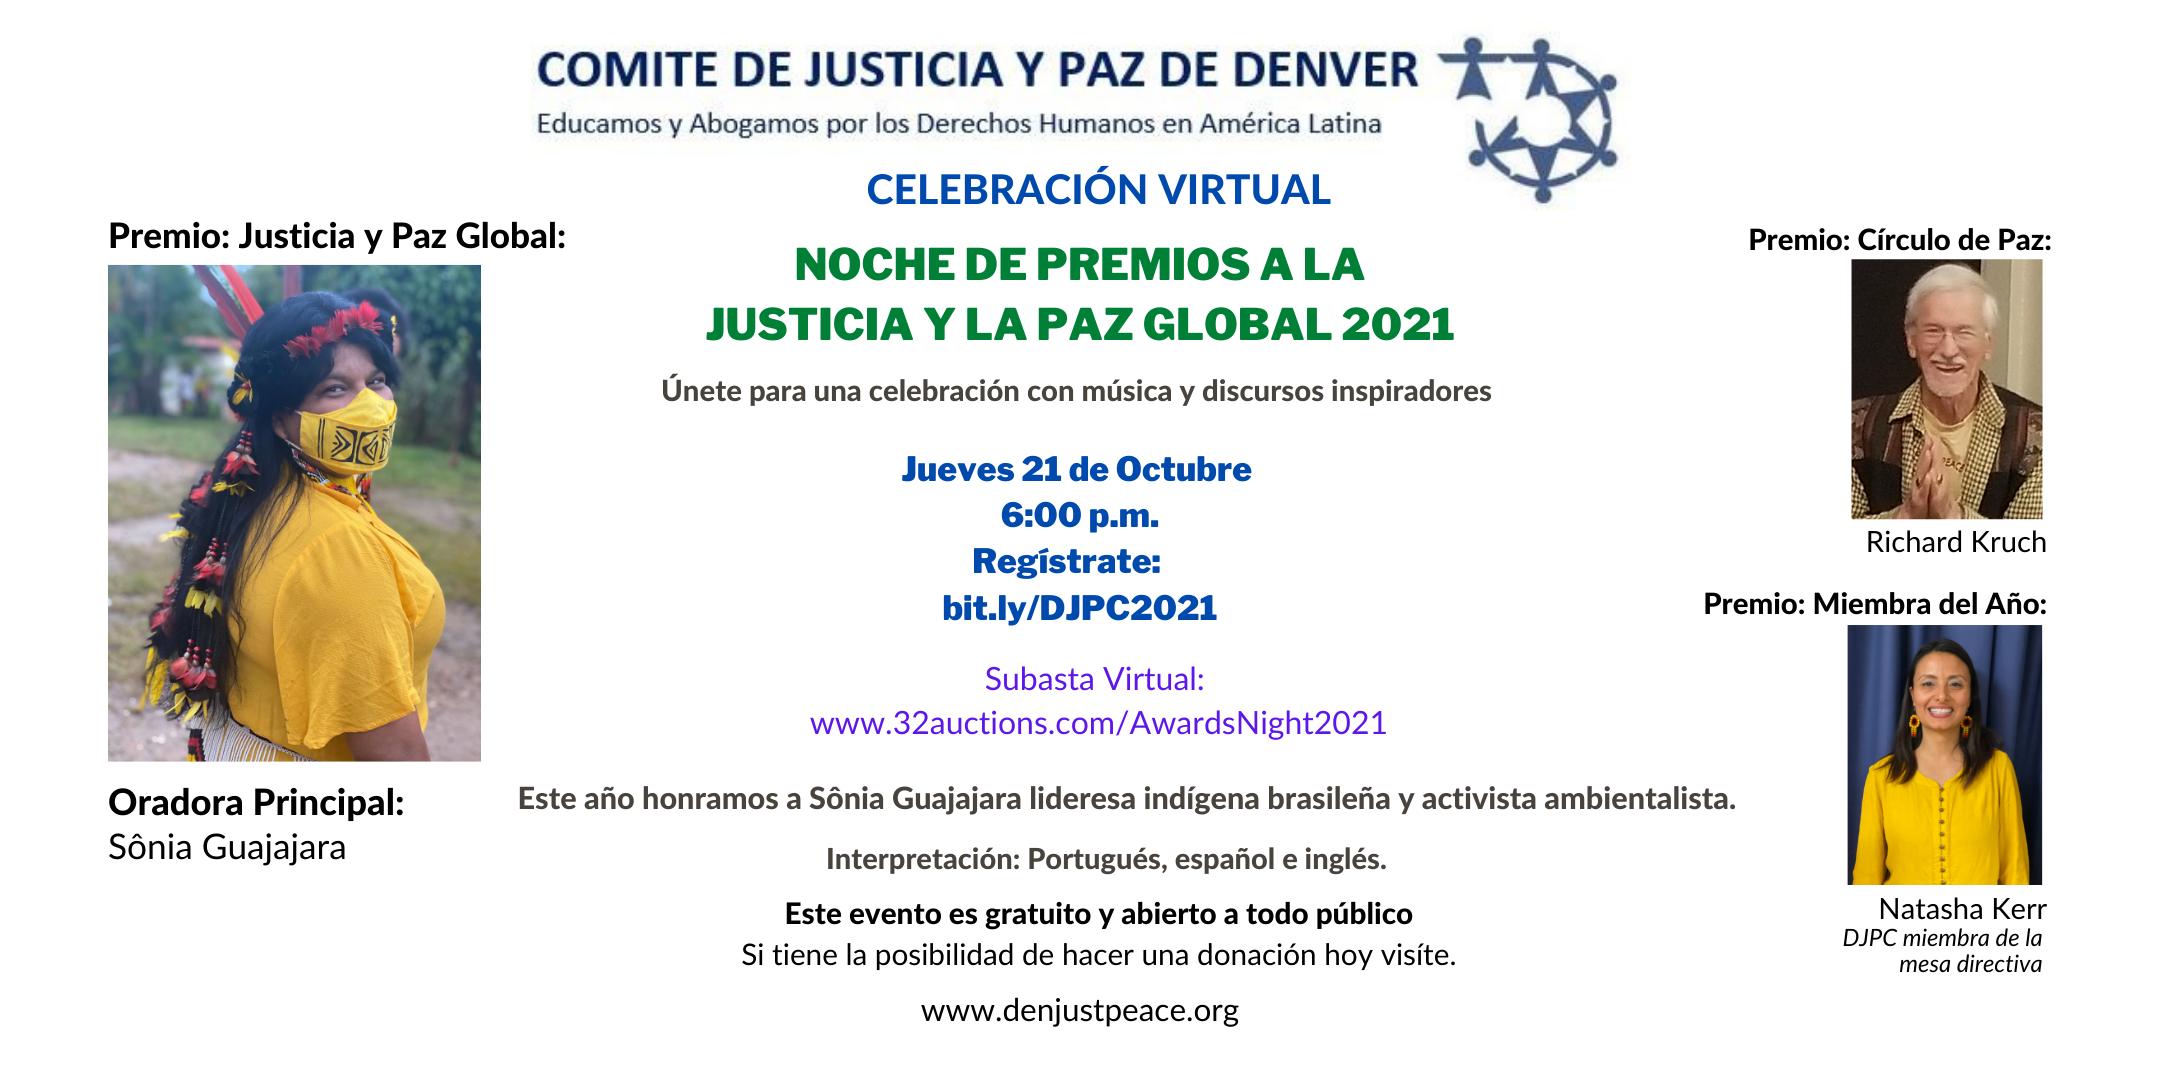 Invitación: Noche de Premios a la Justicia y la Paz Global 2021: Jueves 21 de Octubre a las 18:00 horas.